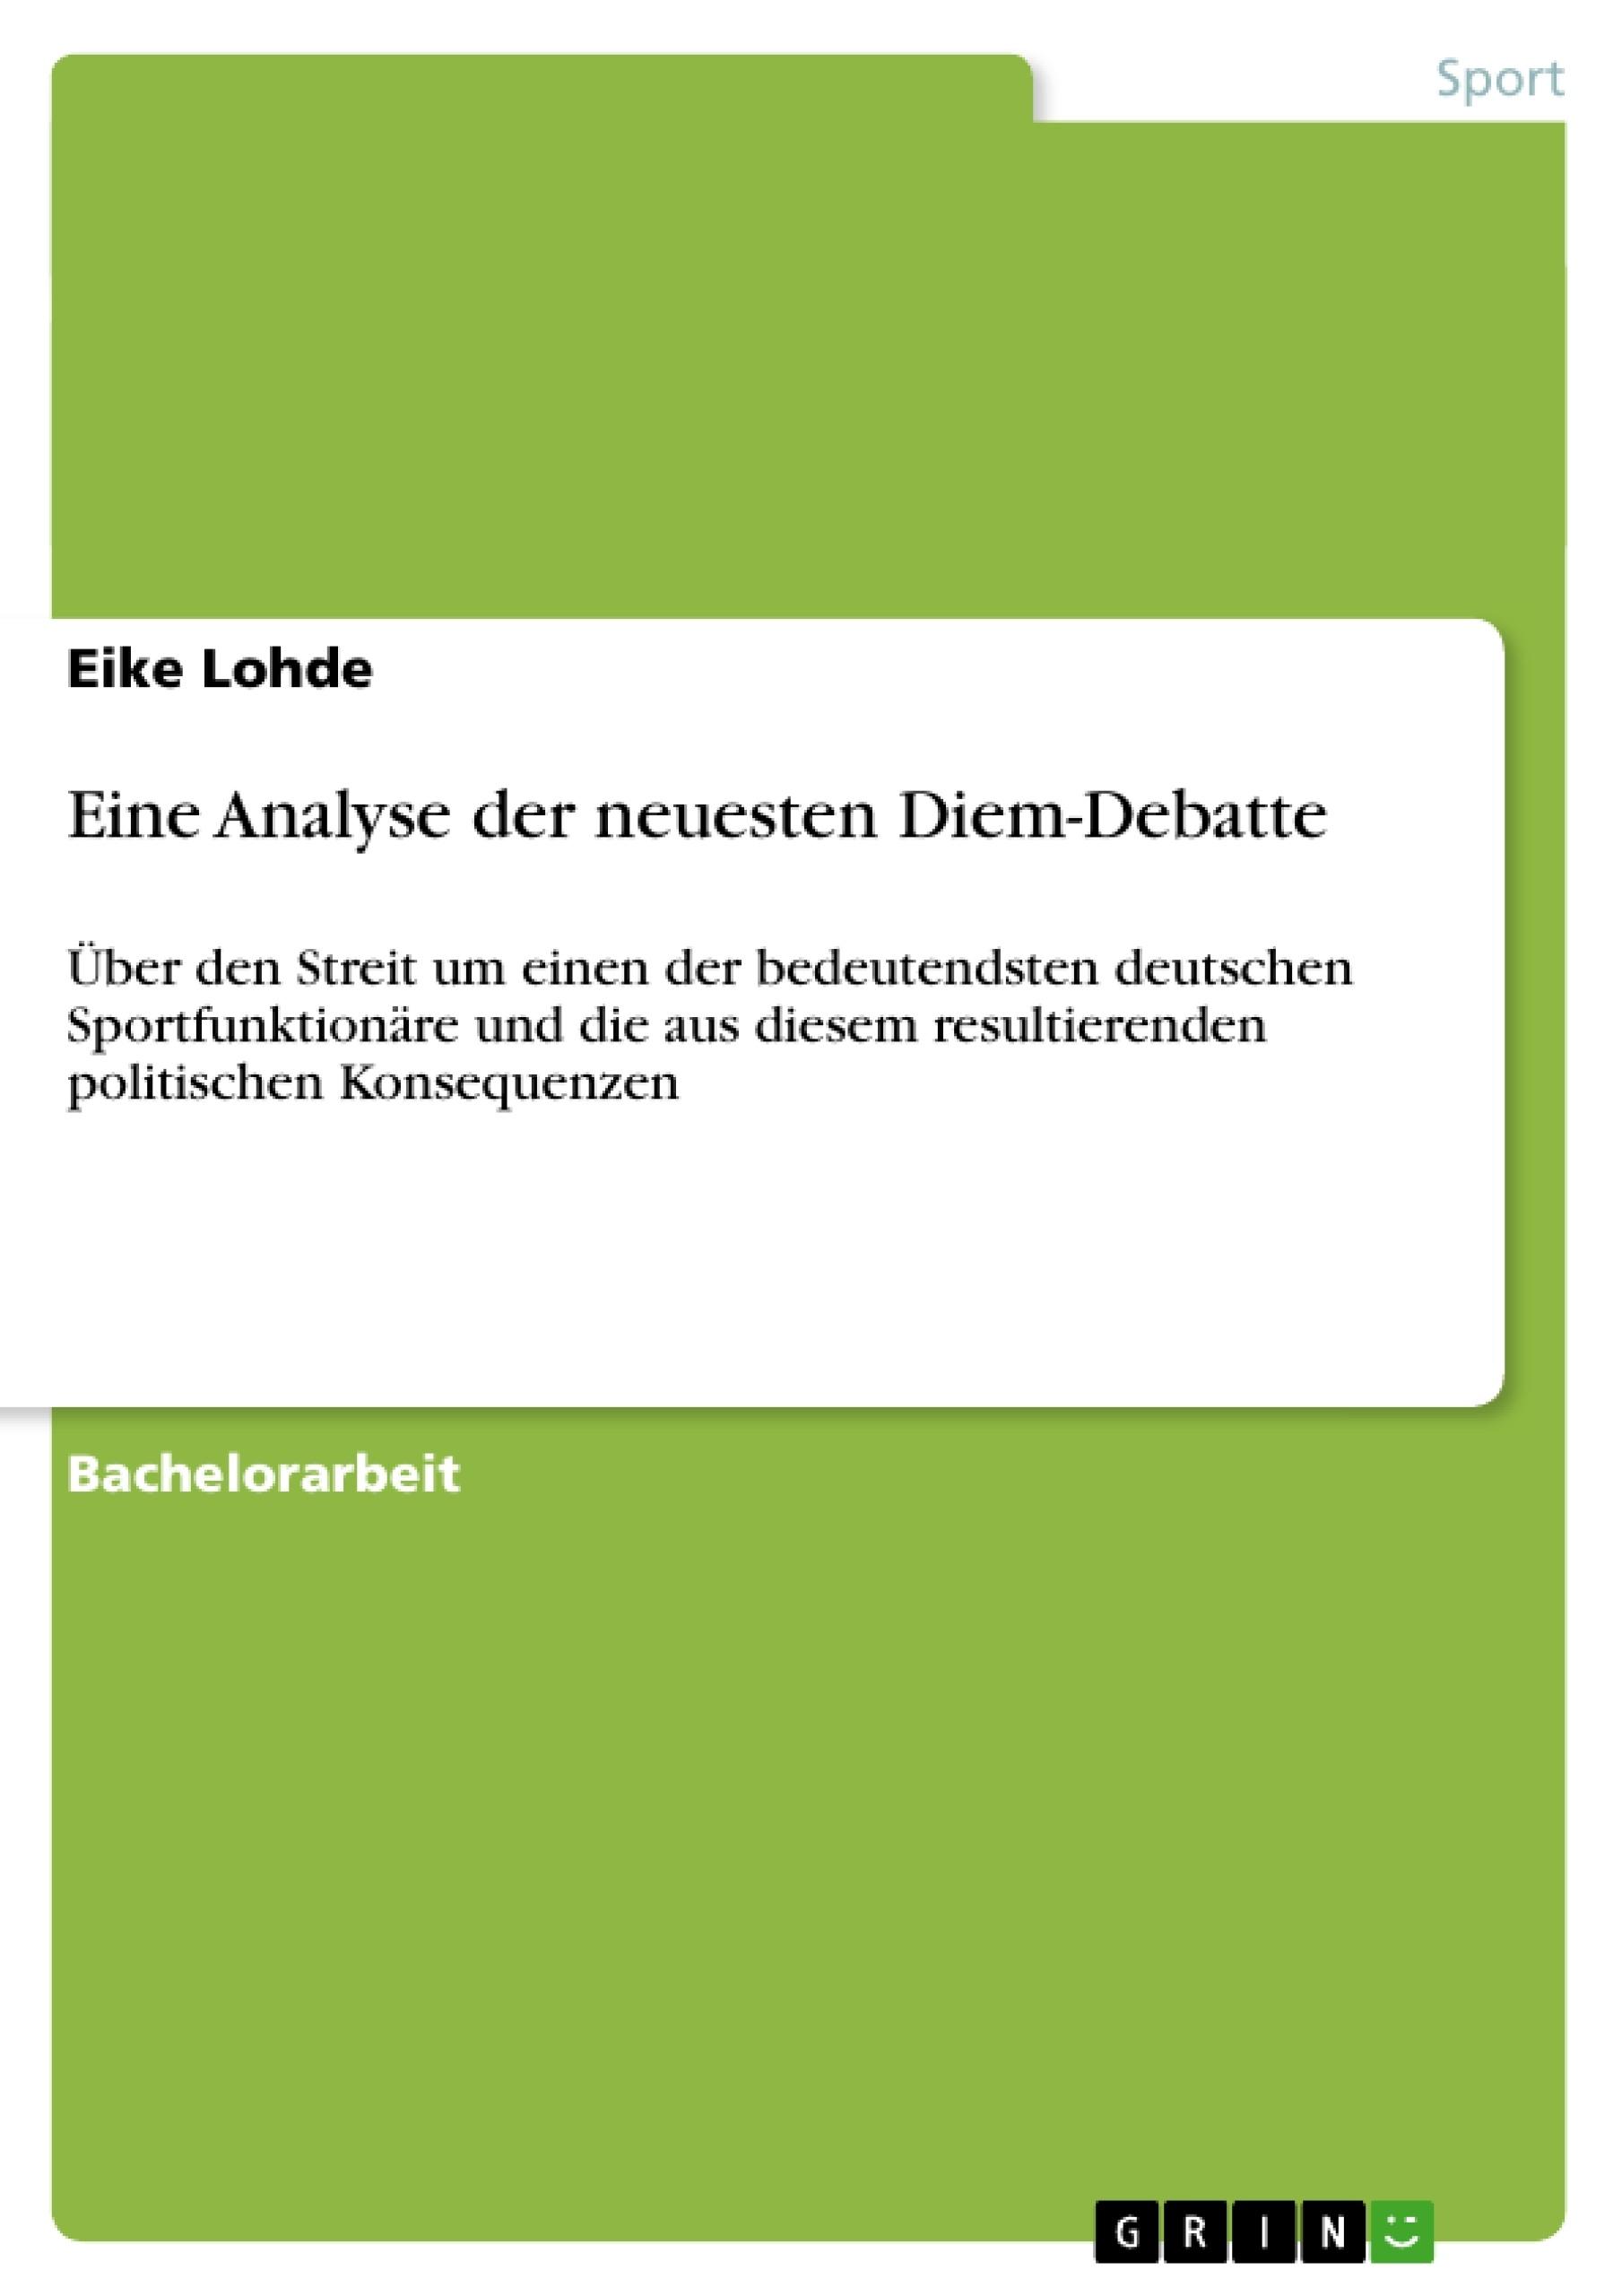 Titel: Eine Analyse der neuesten Diem-Debatte